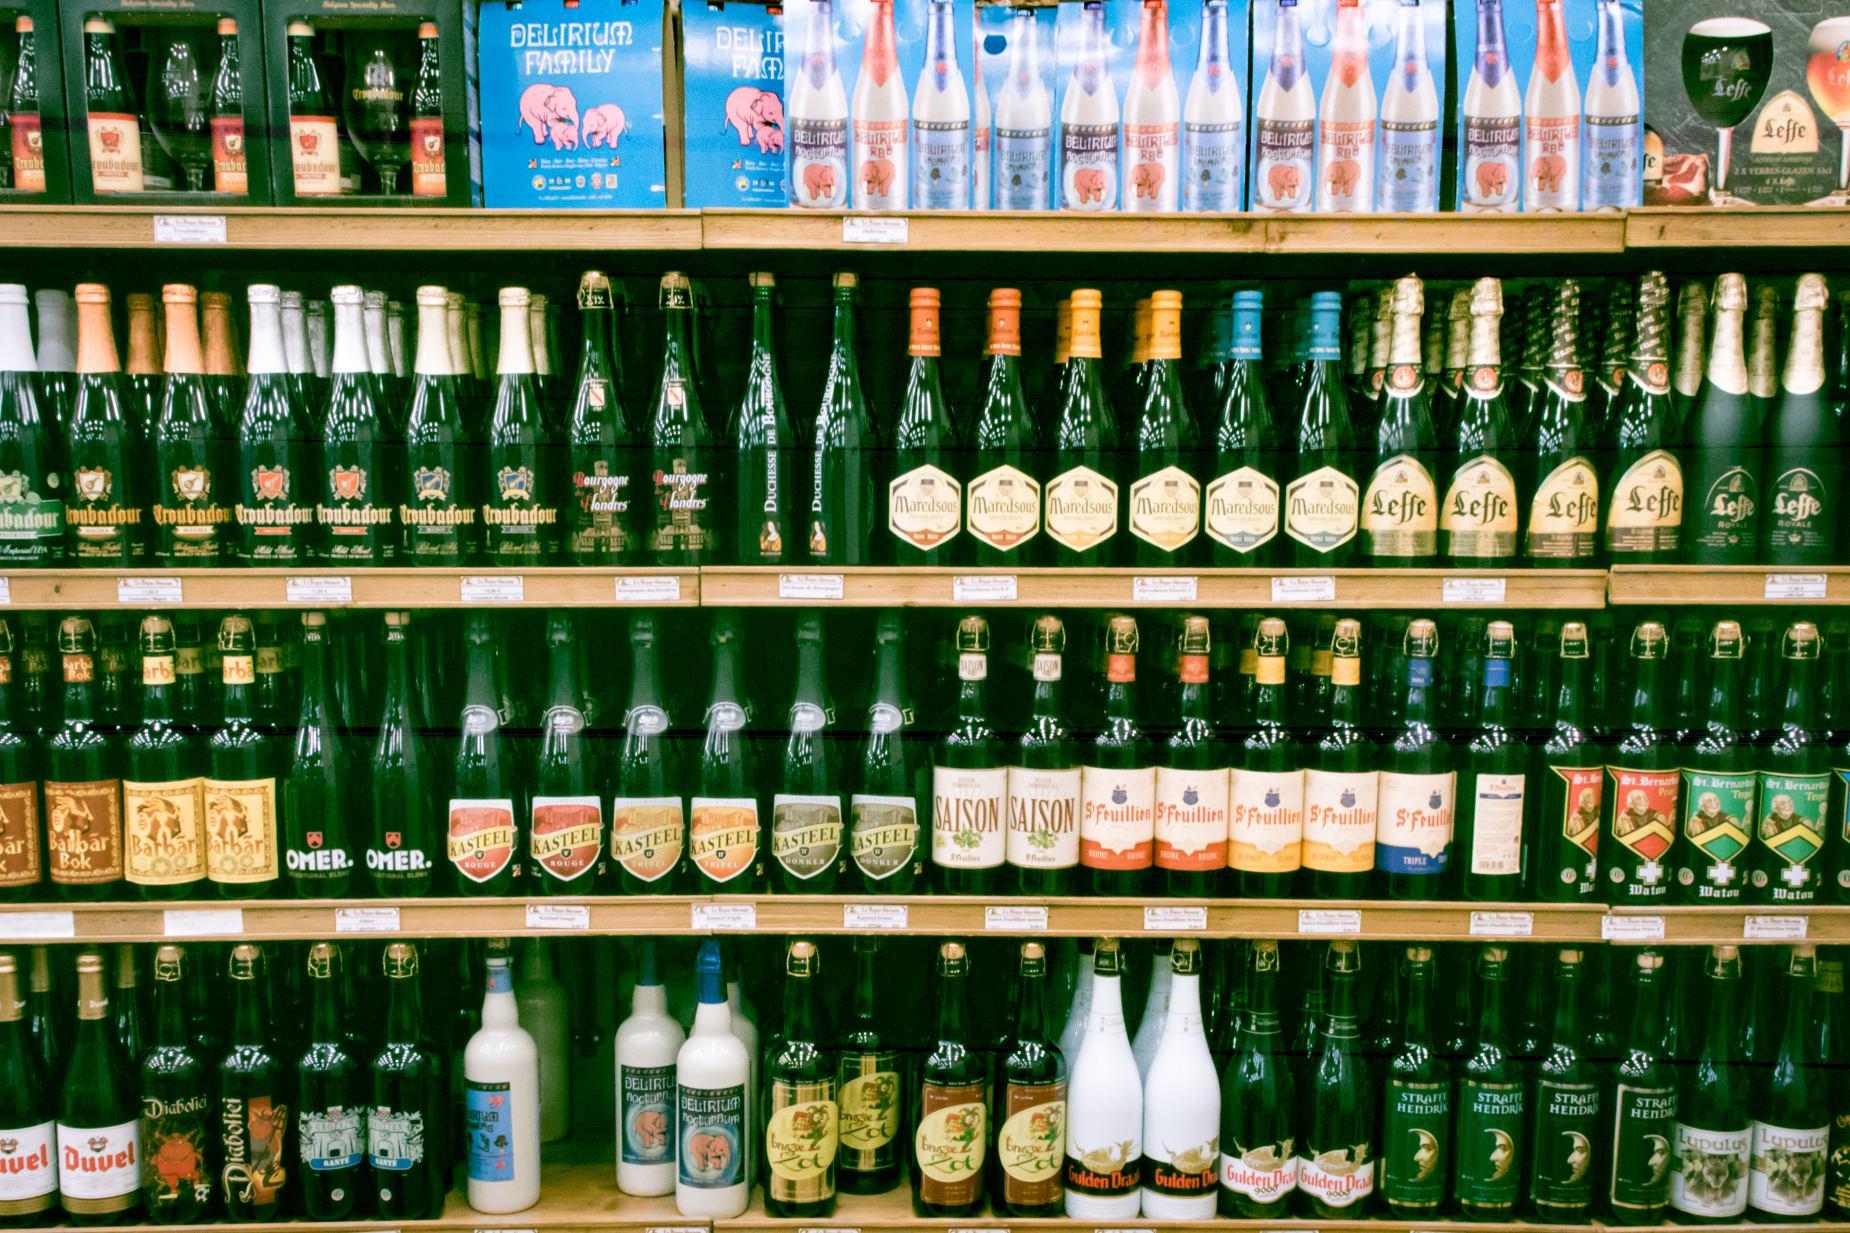 Bruxelles foodie - Bières belges   Belgian Beers